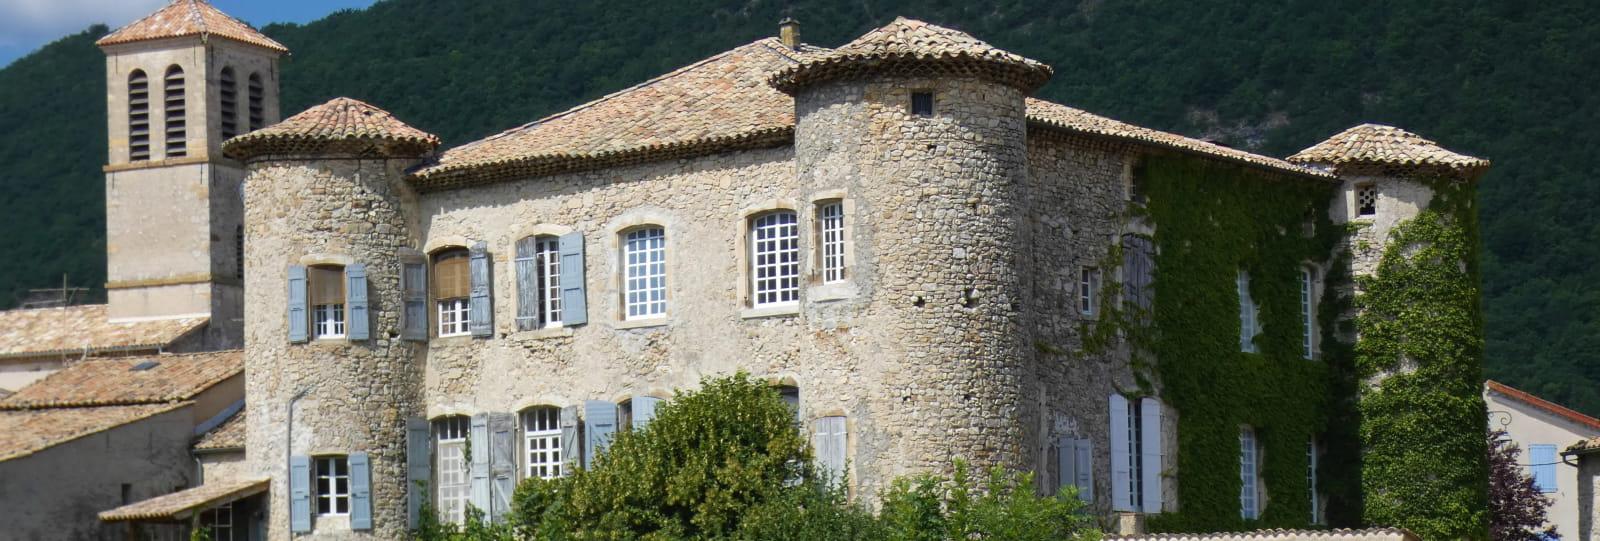 Château de Lachau